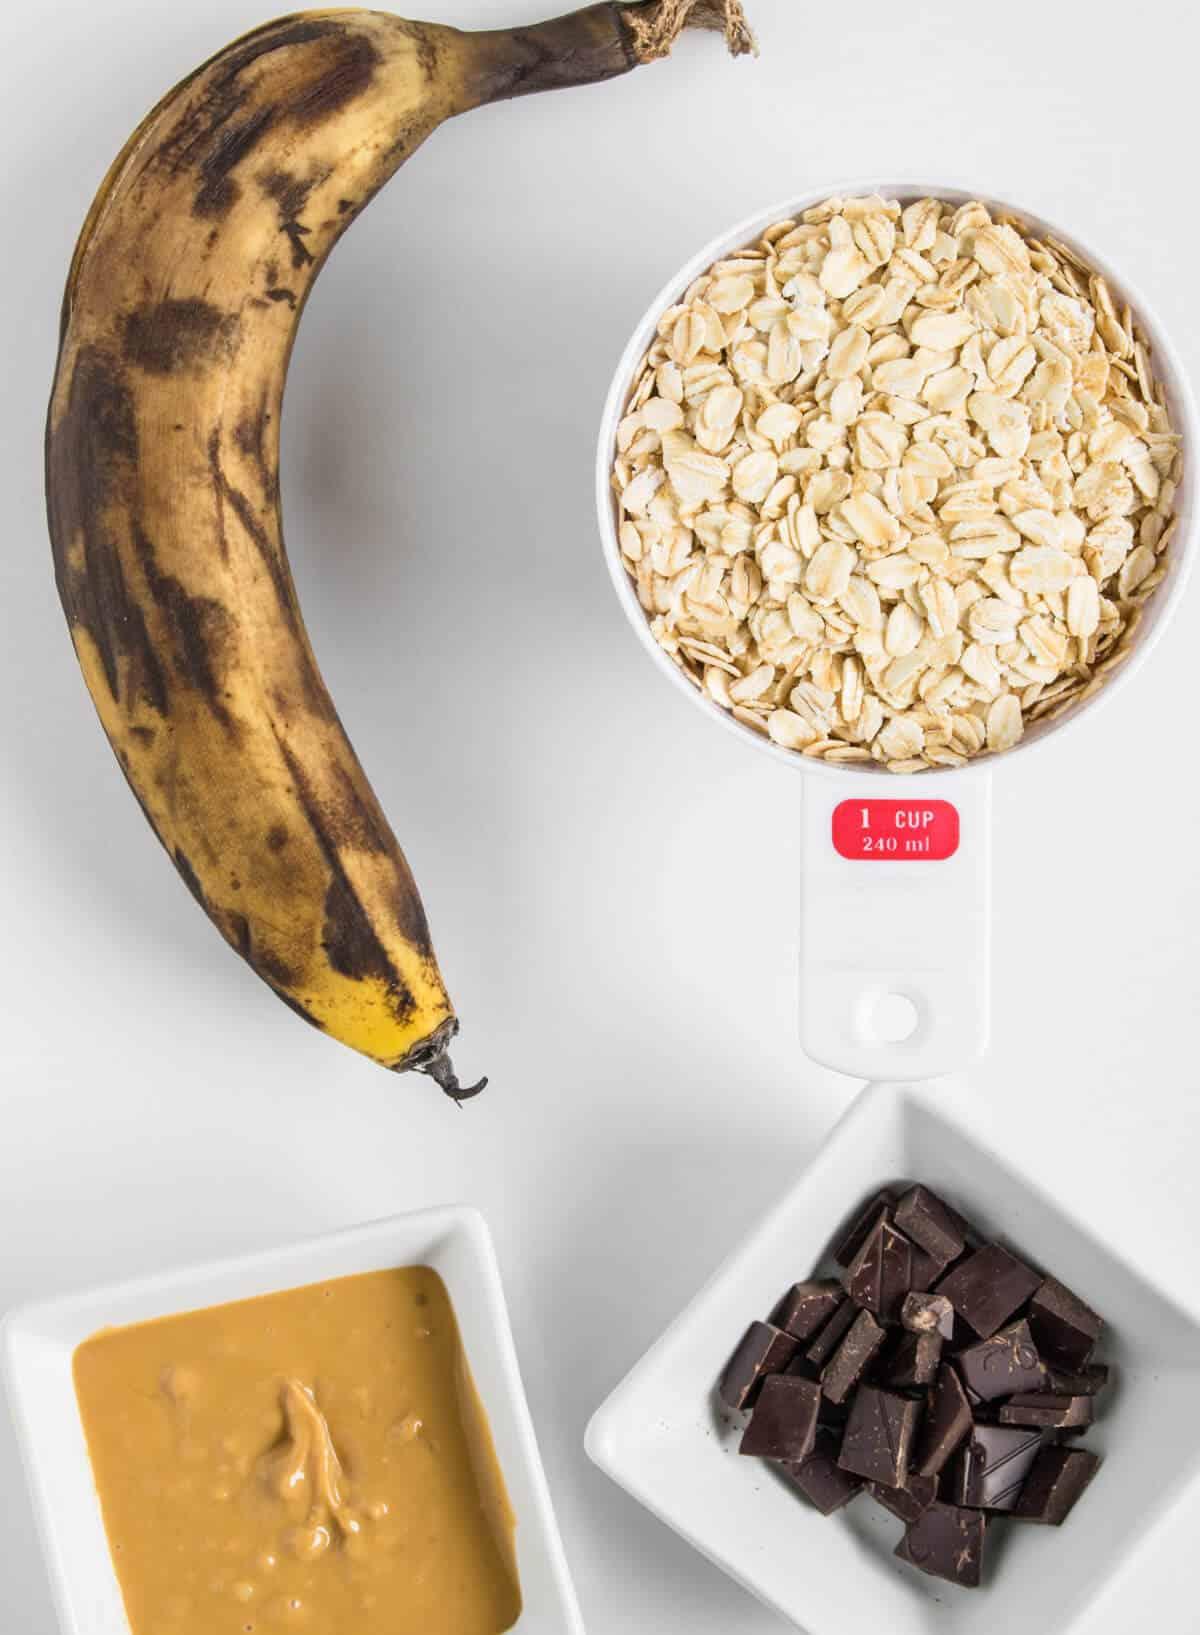 Ingredients to make 4 ingredient cookies